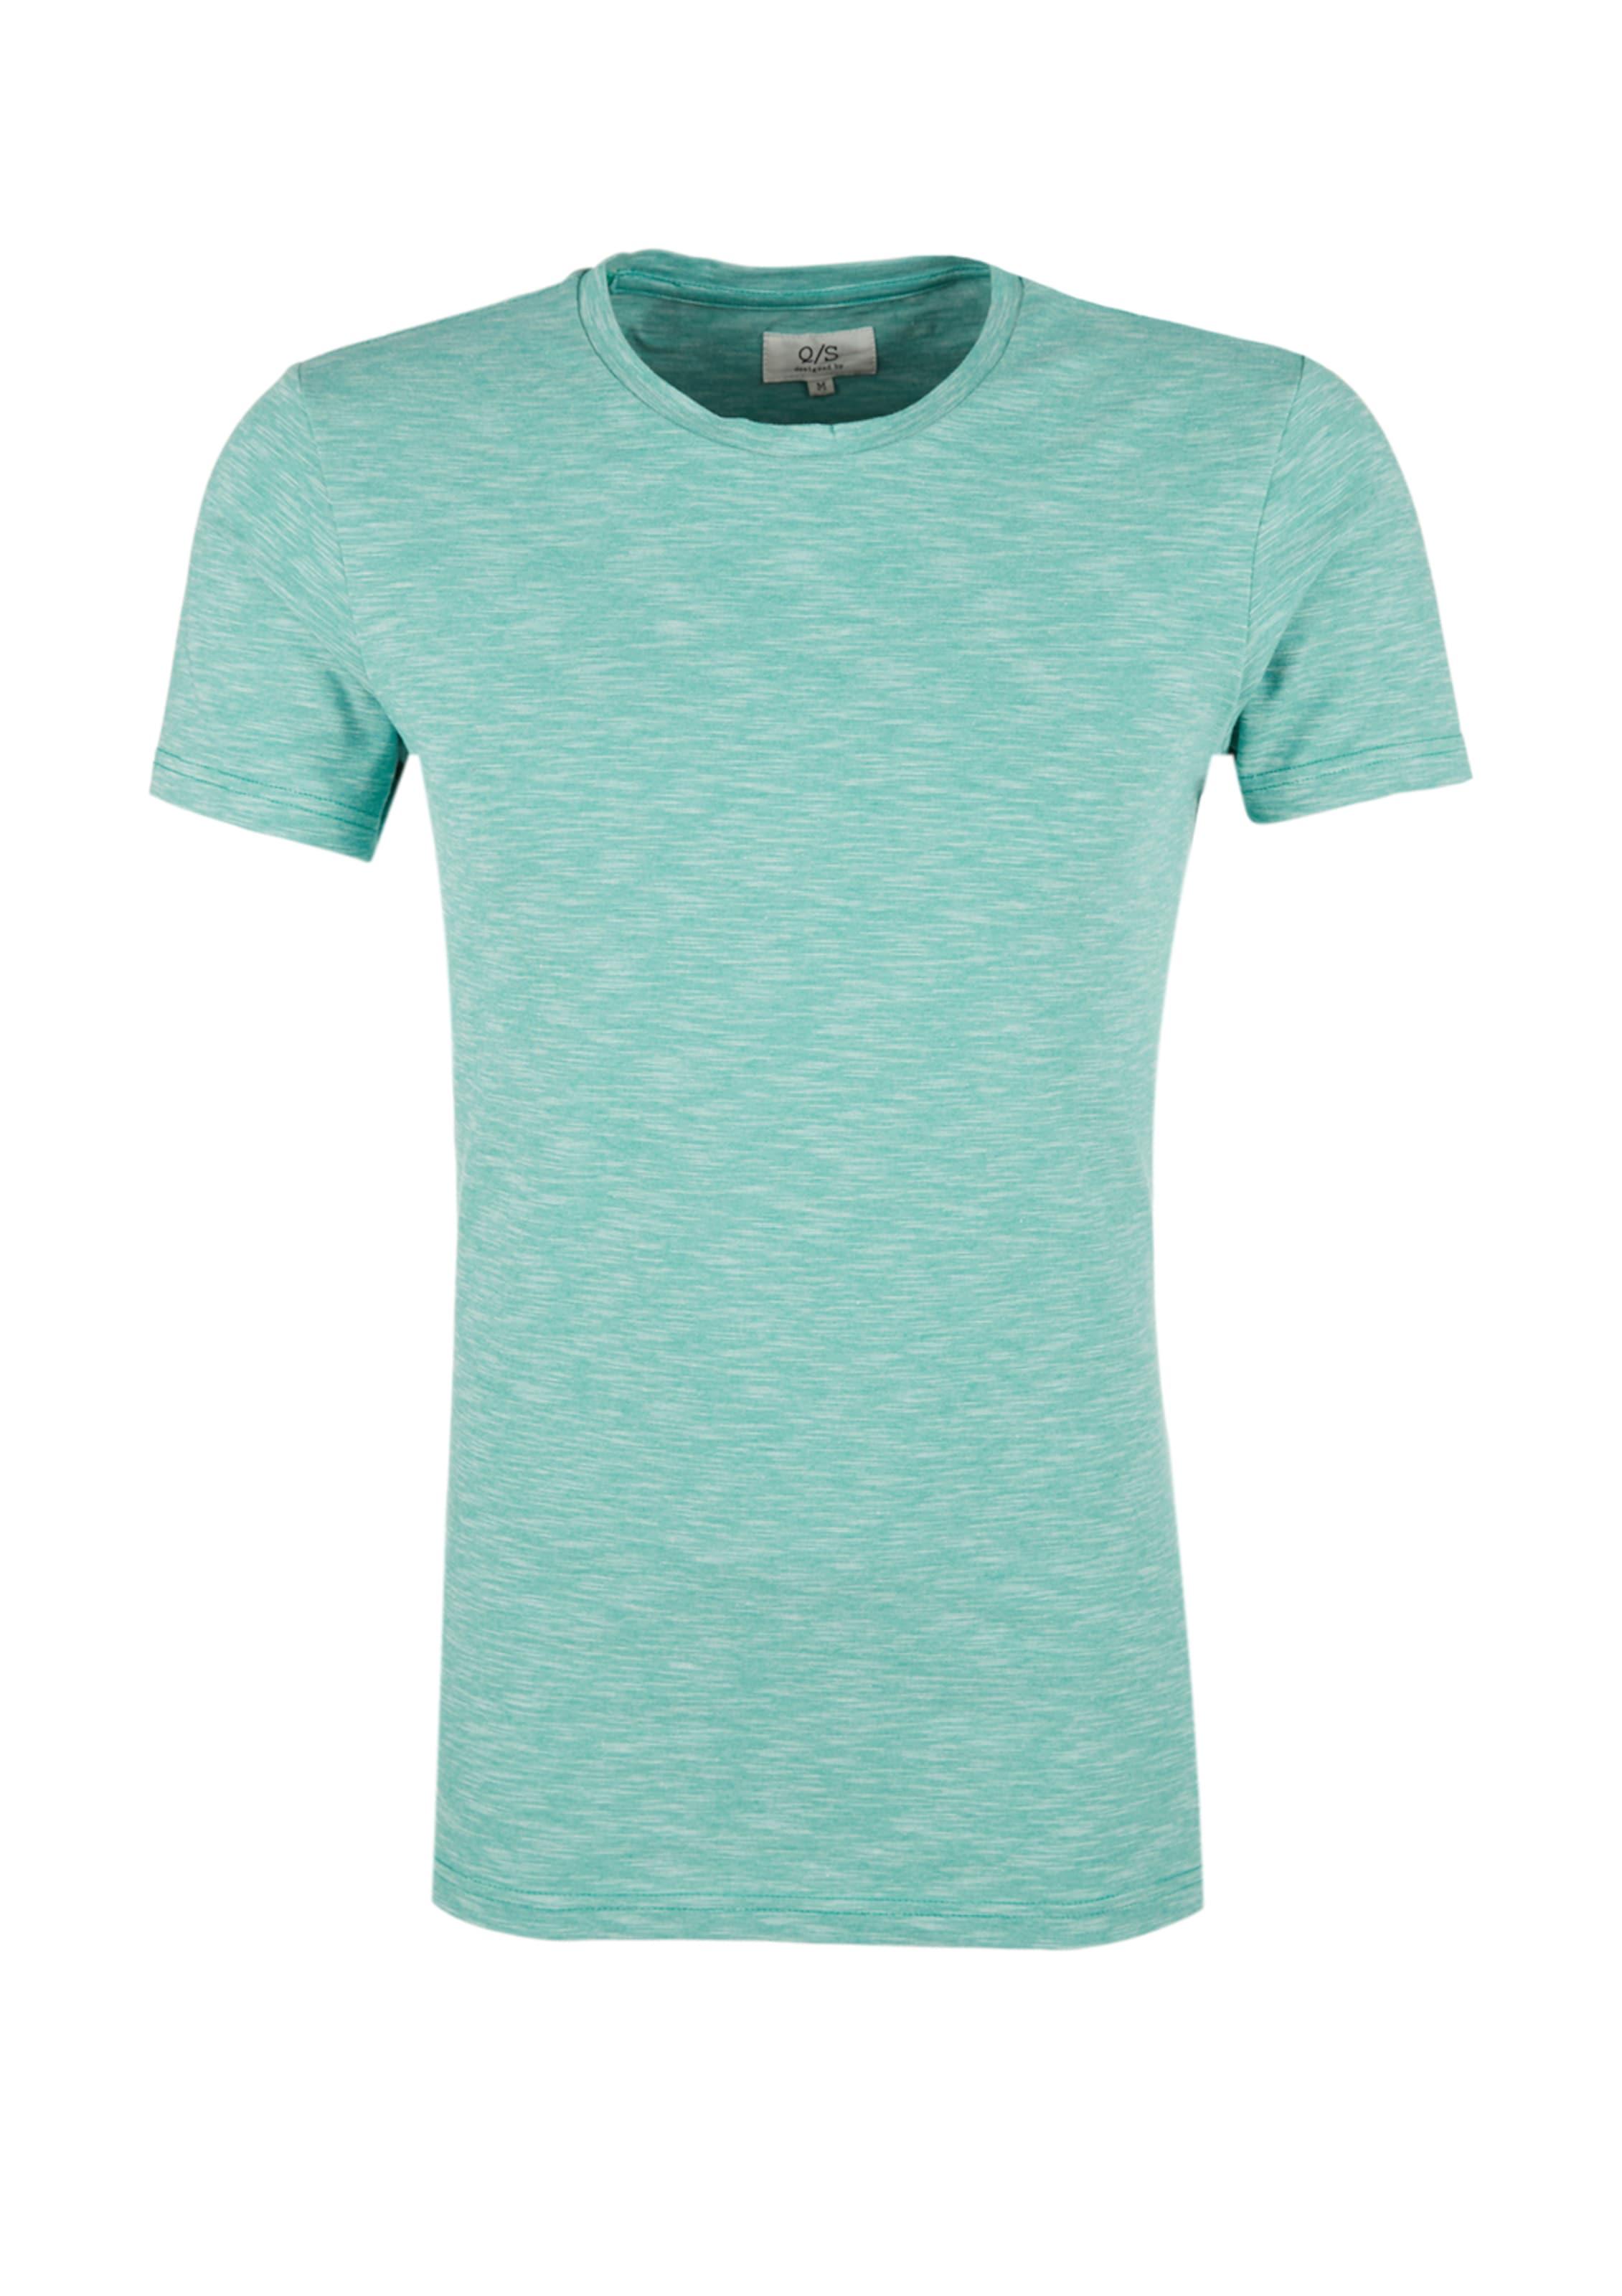 Auslass Wirklich Rabatte Für Verkauf Q/S designed by T-Shirt in meliertem Design Verkauf Besten Großhandels Online-Shop Günstig Kaufen Günstigsten Preis Kb3286W